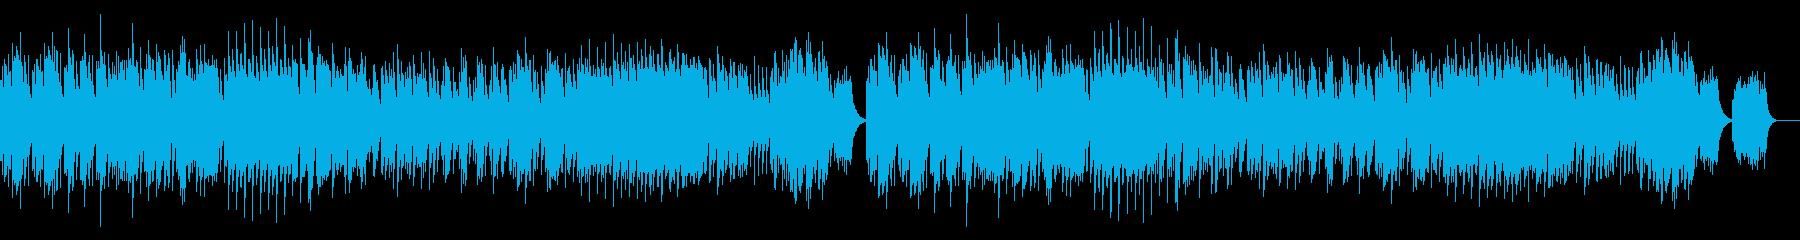 不思議な森のイメージ/チェレスタの再生済みの波形